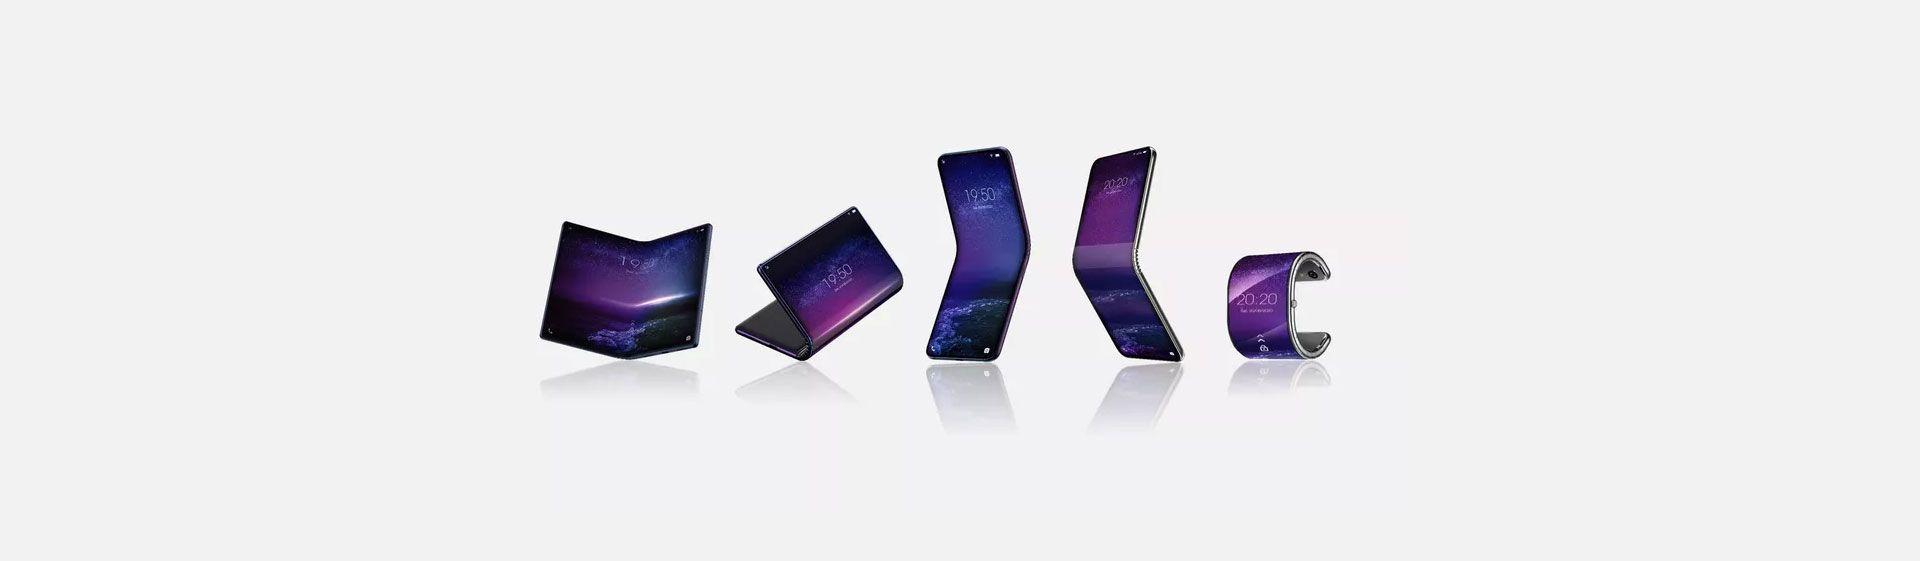 Celular do futuro: conheça as inovações que vão mudar os smartphones